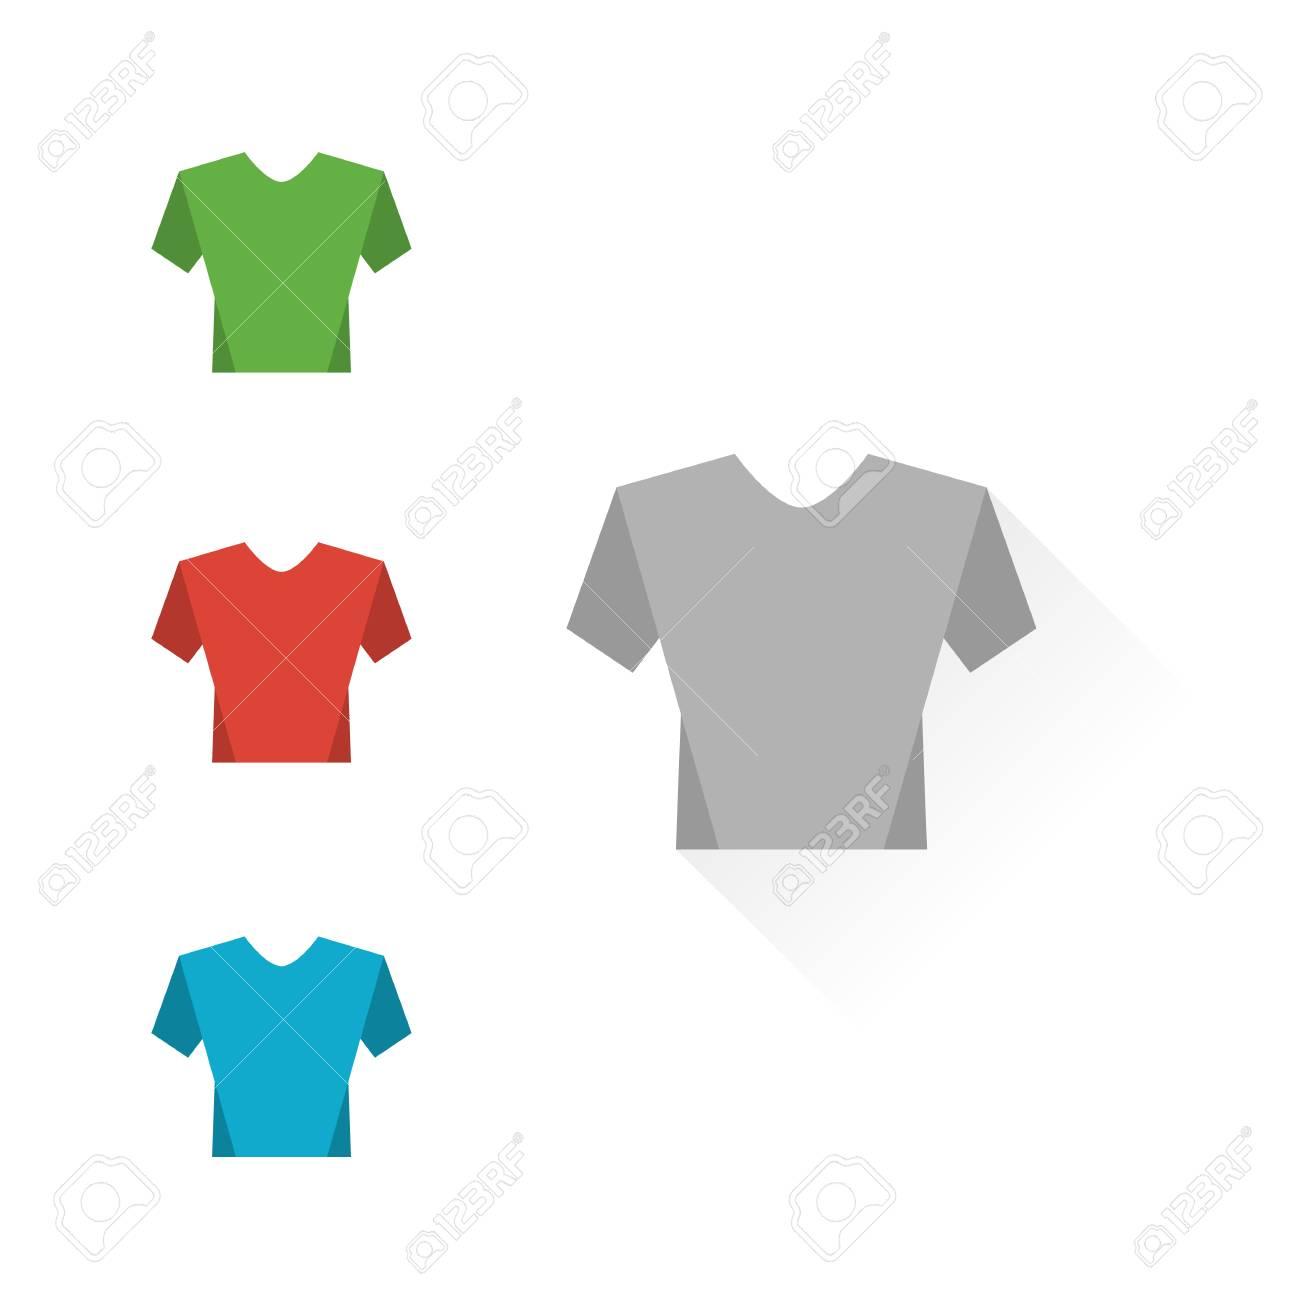 Conjunto de las camisetas del color sobre un fondo blanco. camisetas maqueta.  Diseño plano 39238a73bae68